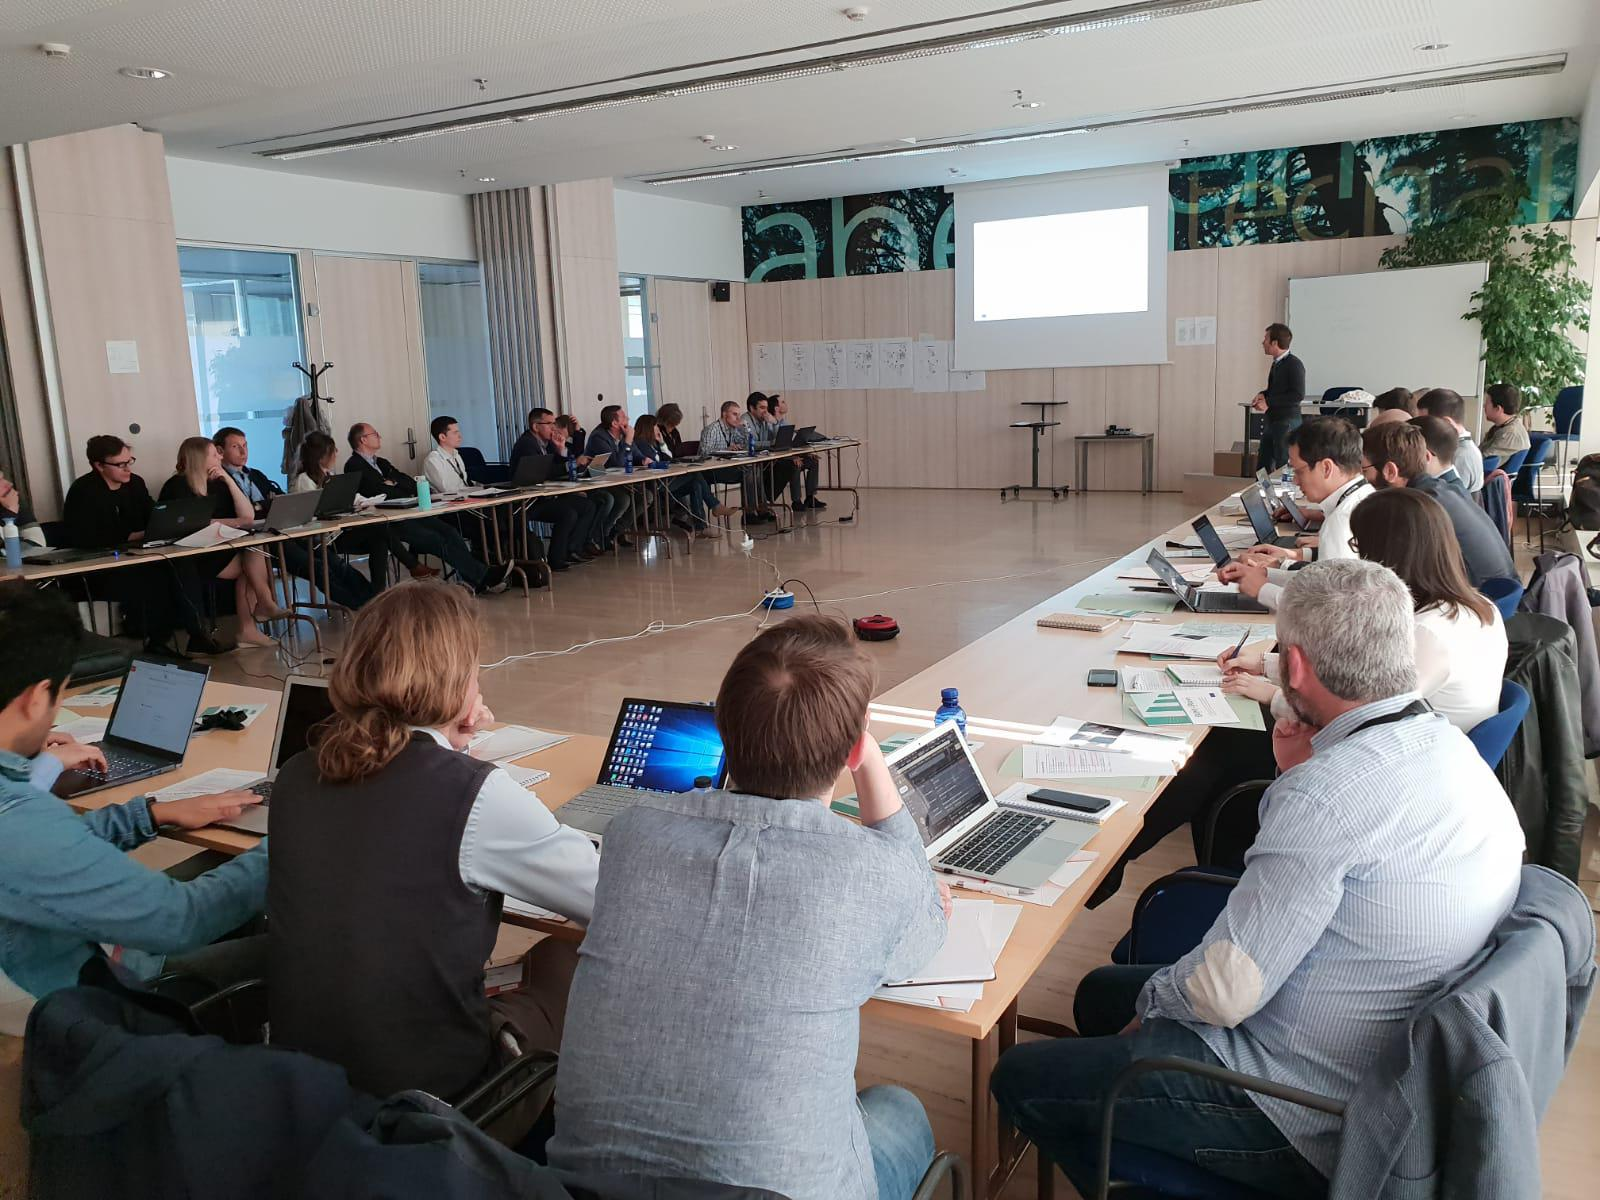 imagen 3 de noticia: continuamos-trabajando-en-el-proyecto-europeo-bim4ren-esta-vez-con-una-general-assembly-en-tecnalia